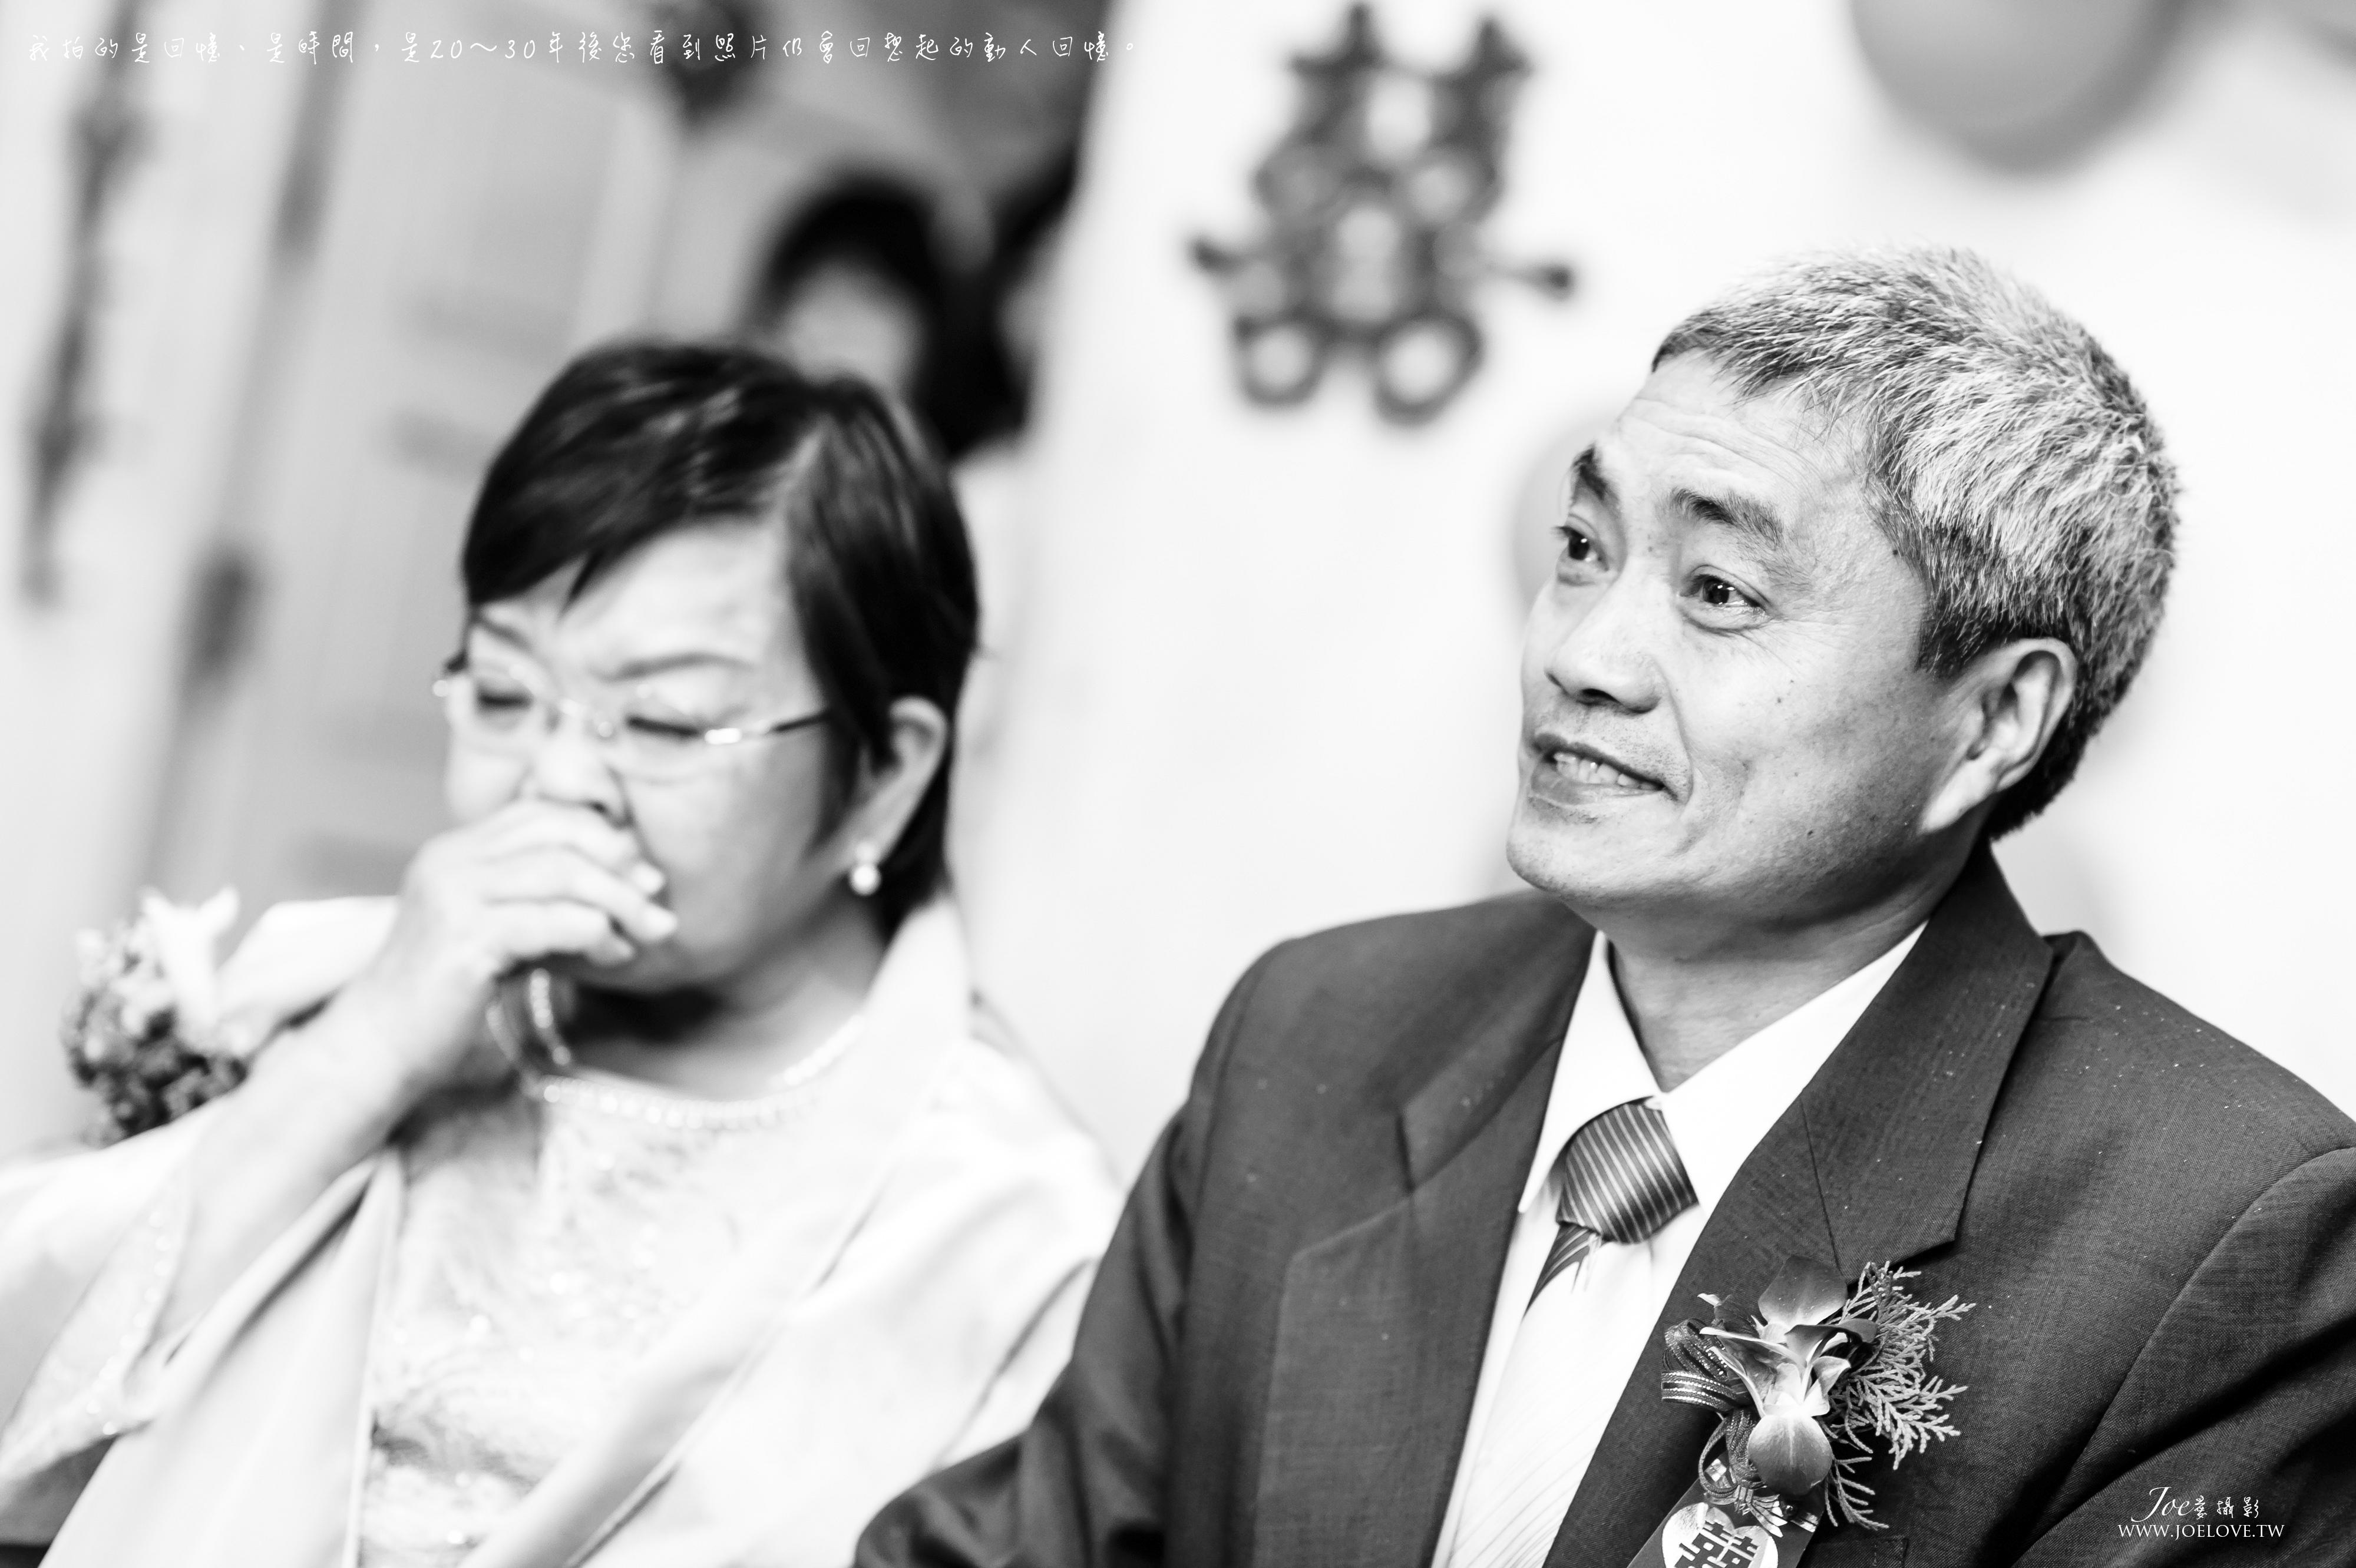 台北台中婚攝,JOE愛攝影,推薦婚攝,自助自主婚紗,豐原江屋